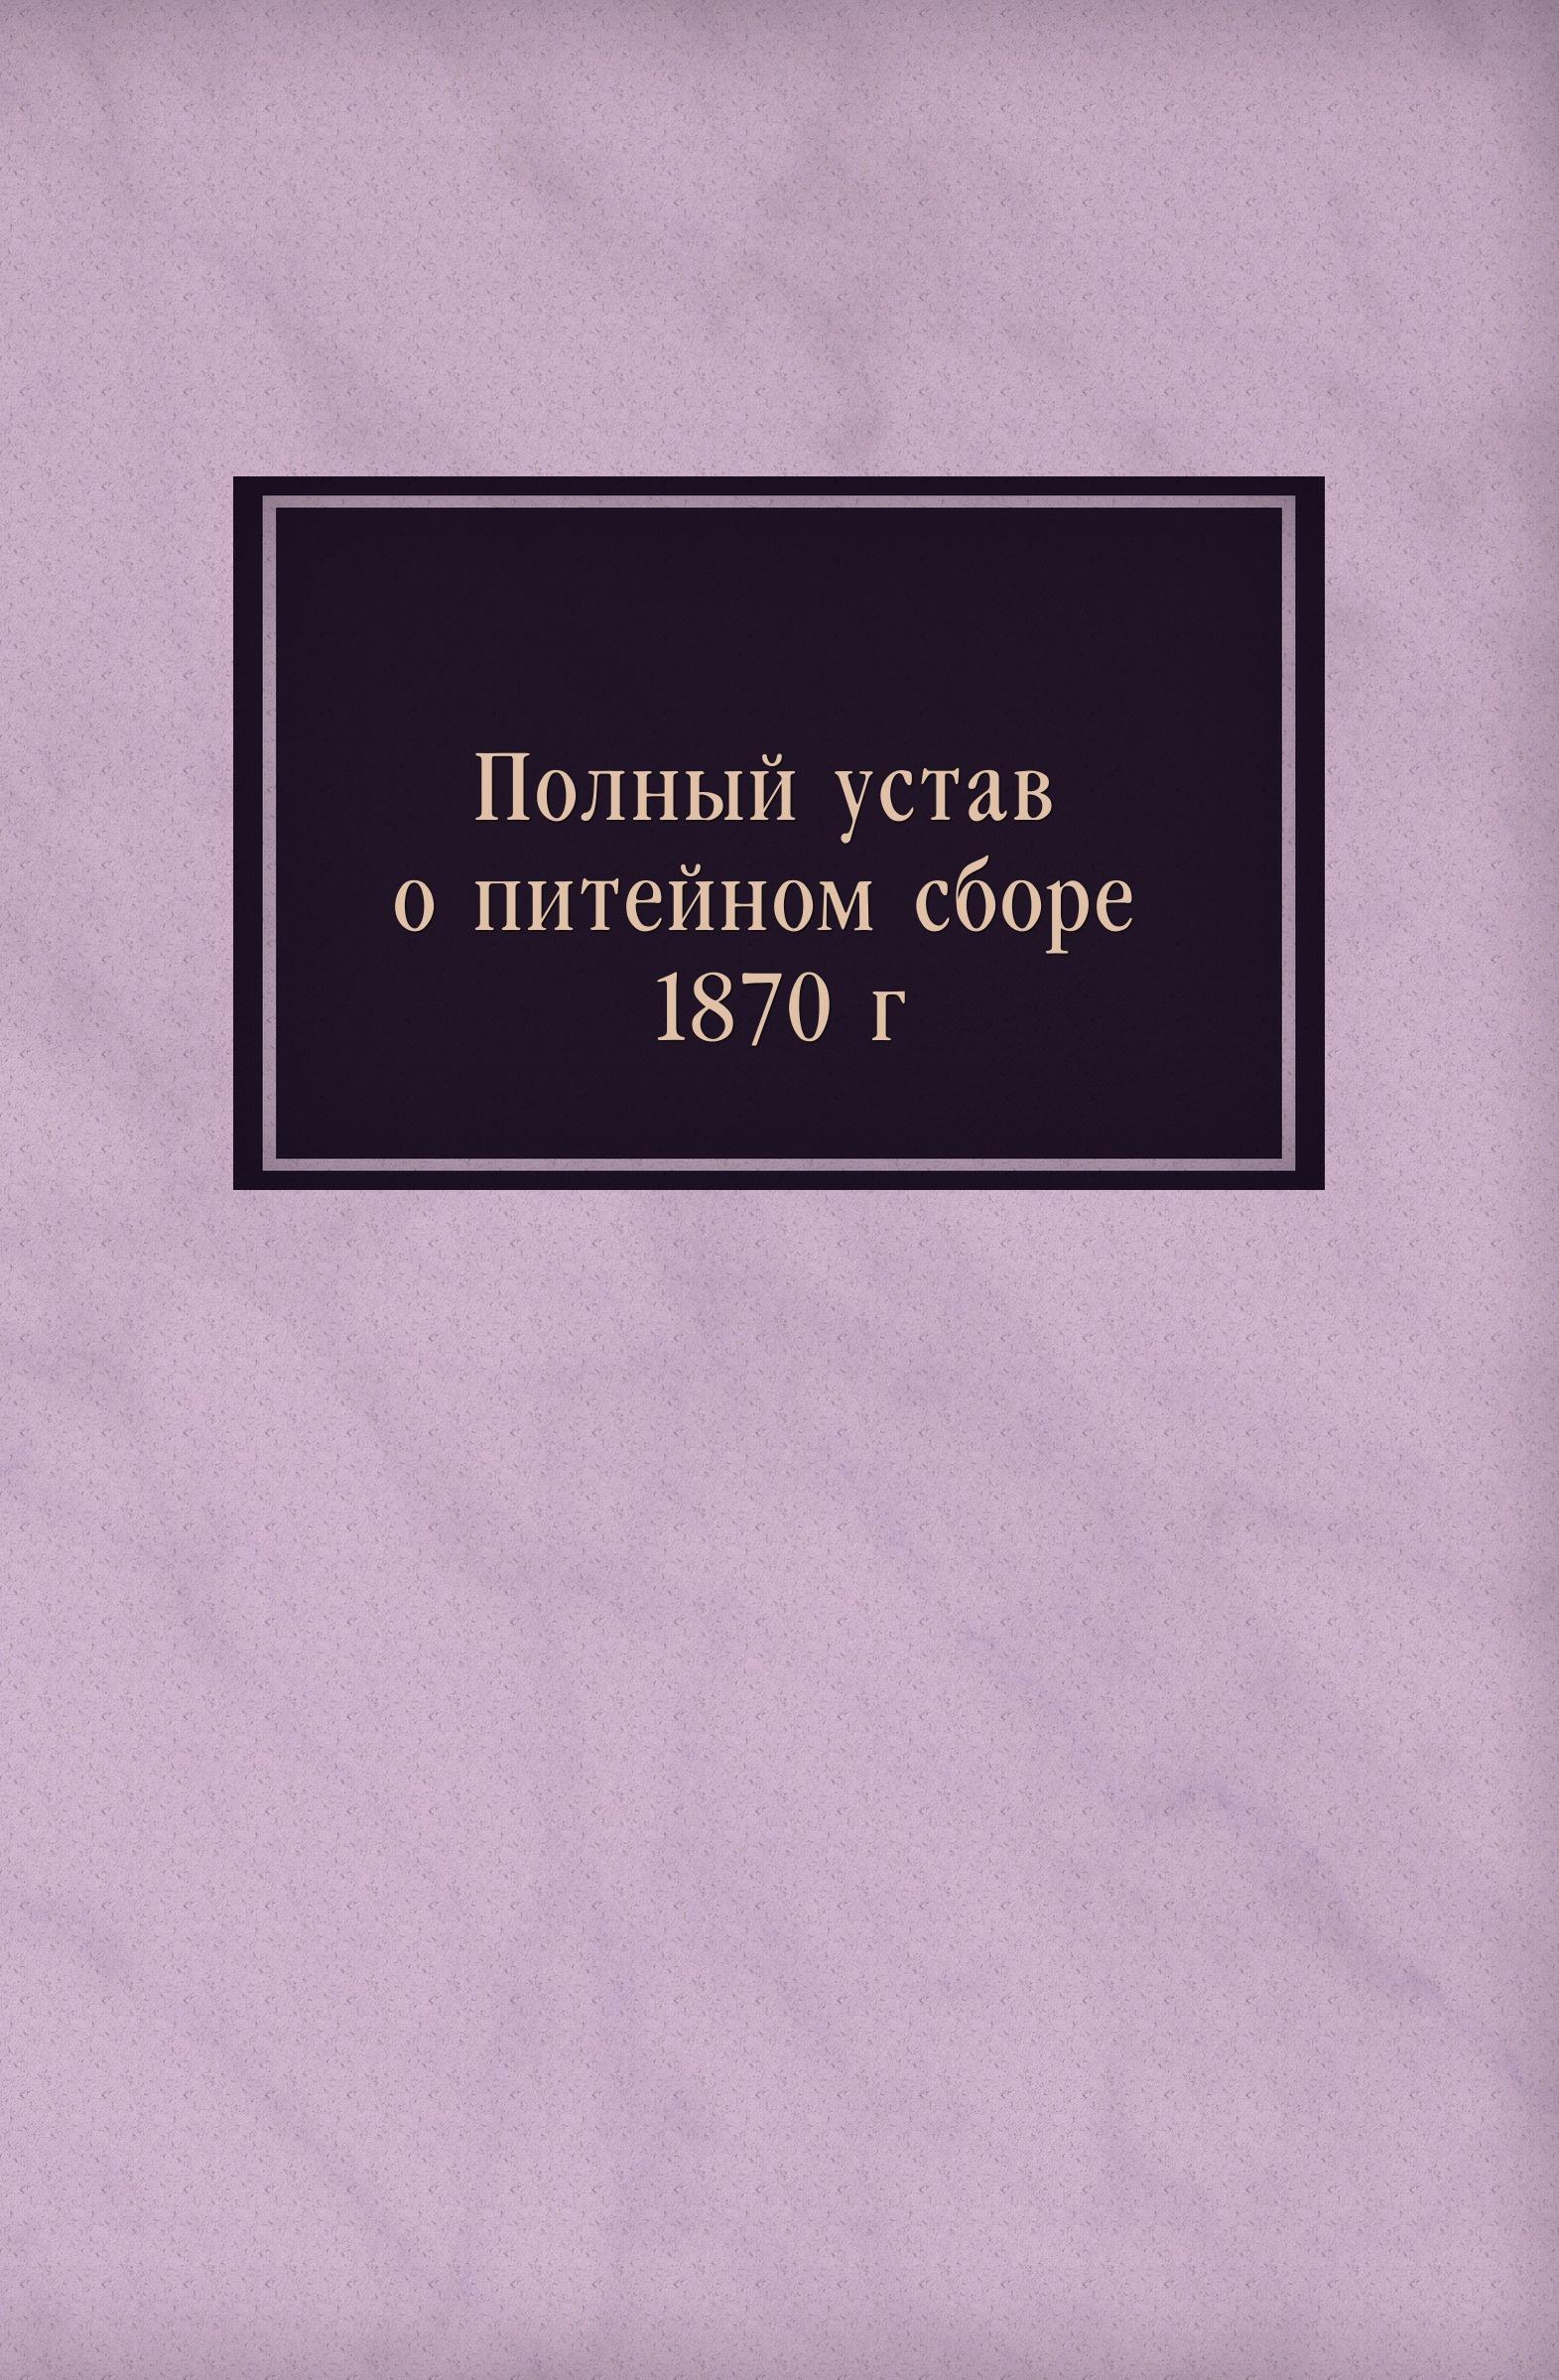 Неизвестный автор Полный устав о питейном сборе 1870 г. неизвестный автор устав конного полка